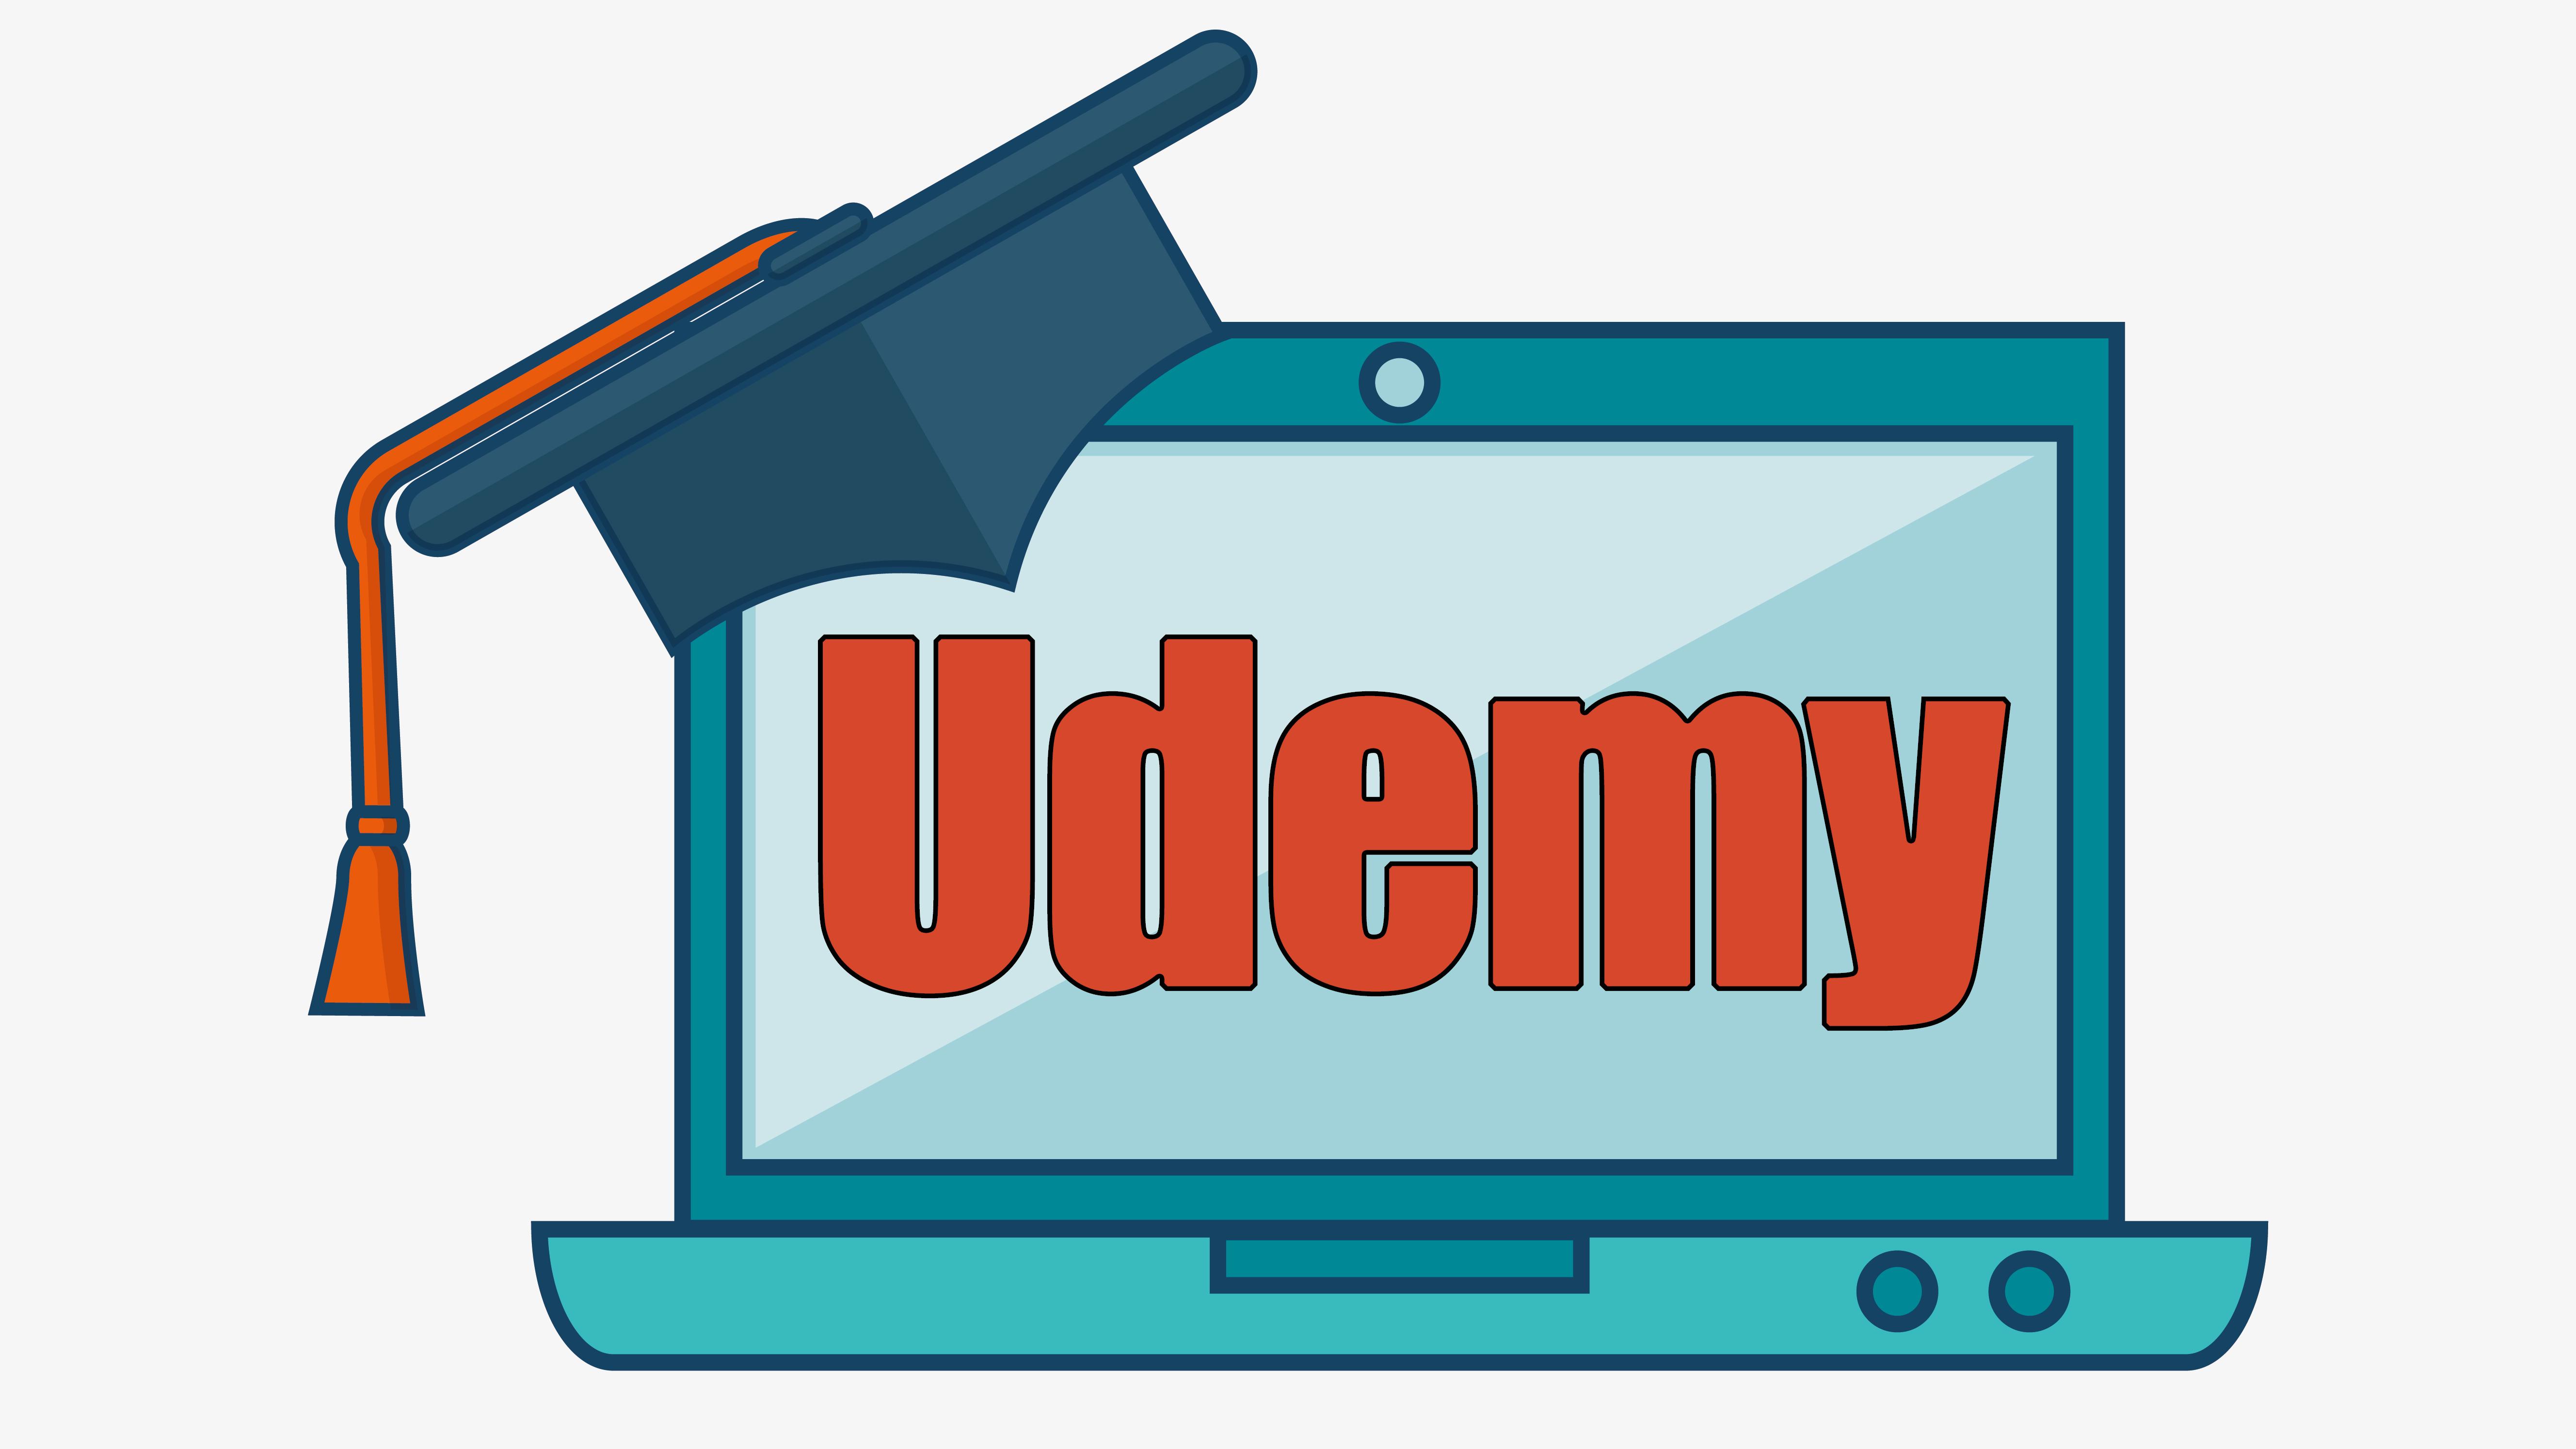 【感想あり】Udemyでおすすめの人気講座をカテゴリー別でまとめました。